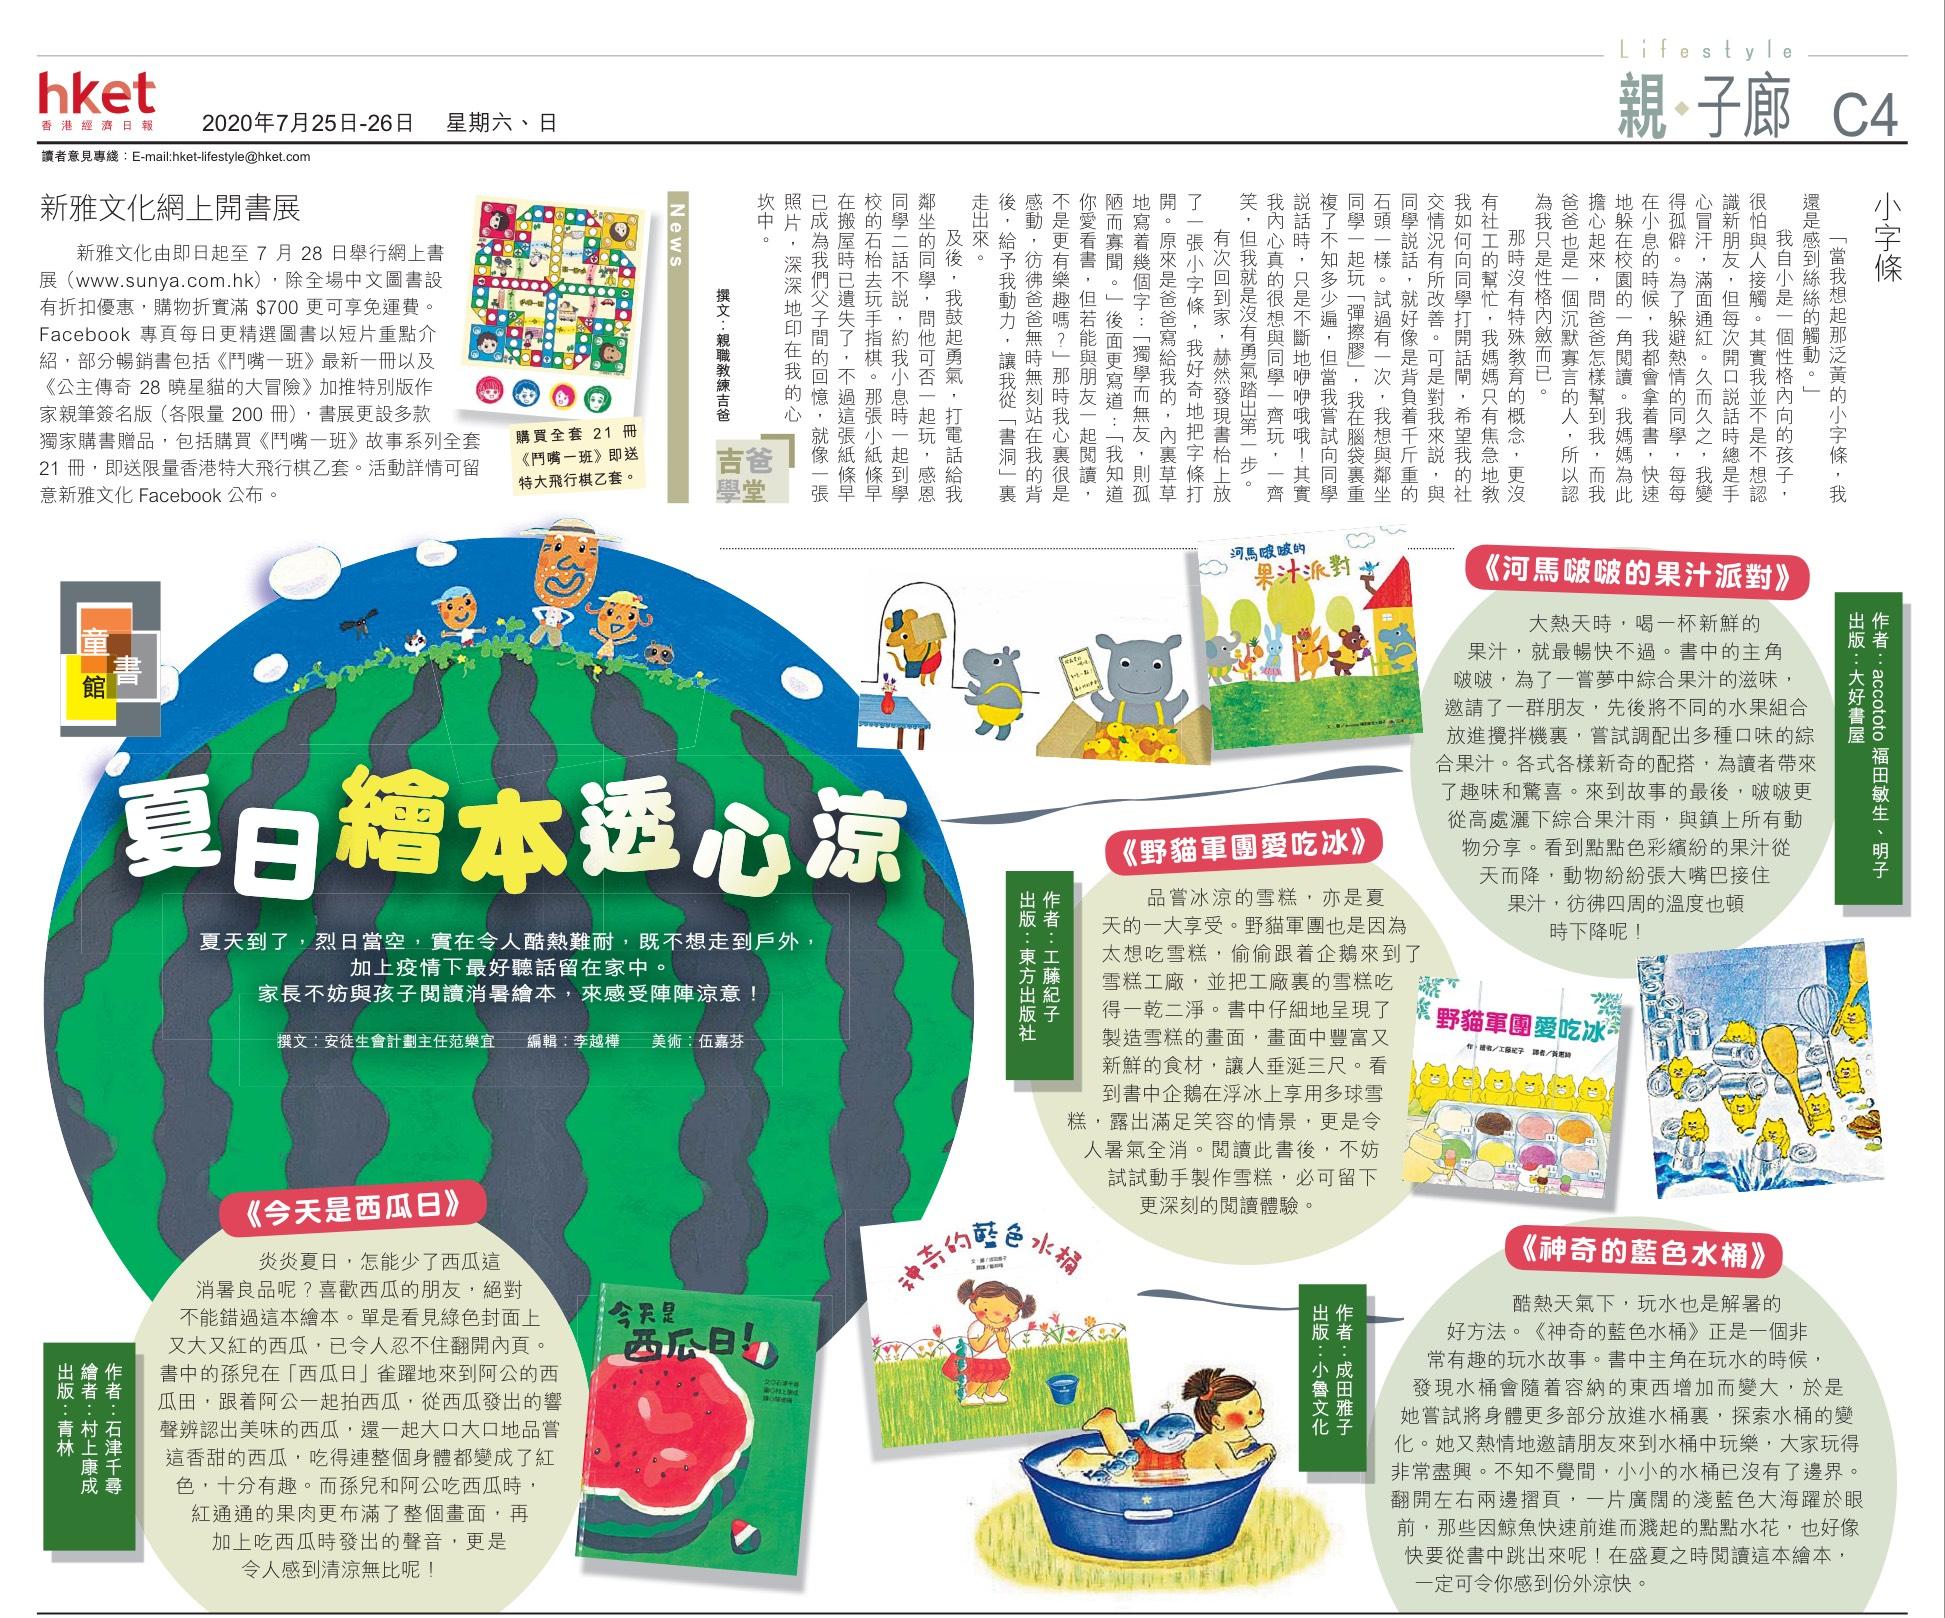 經濟日報:夏日繪本透心涼